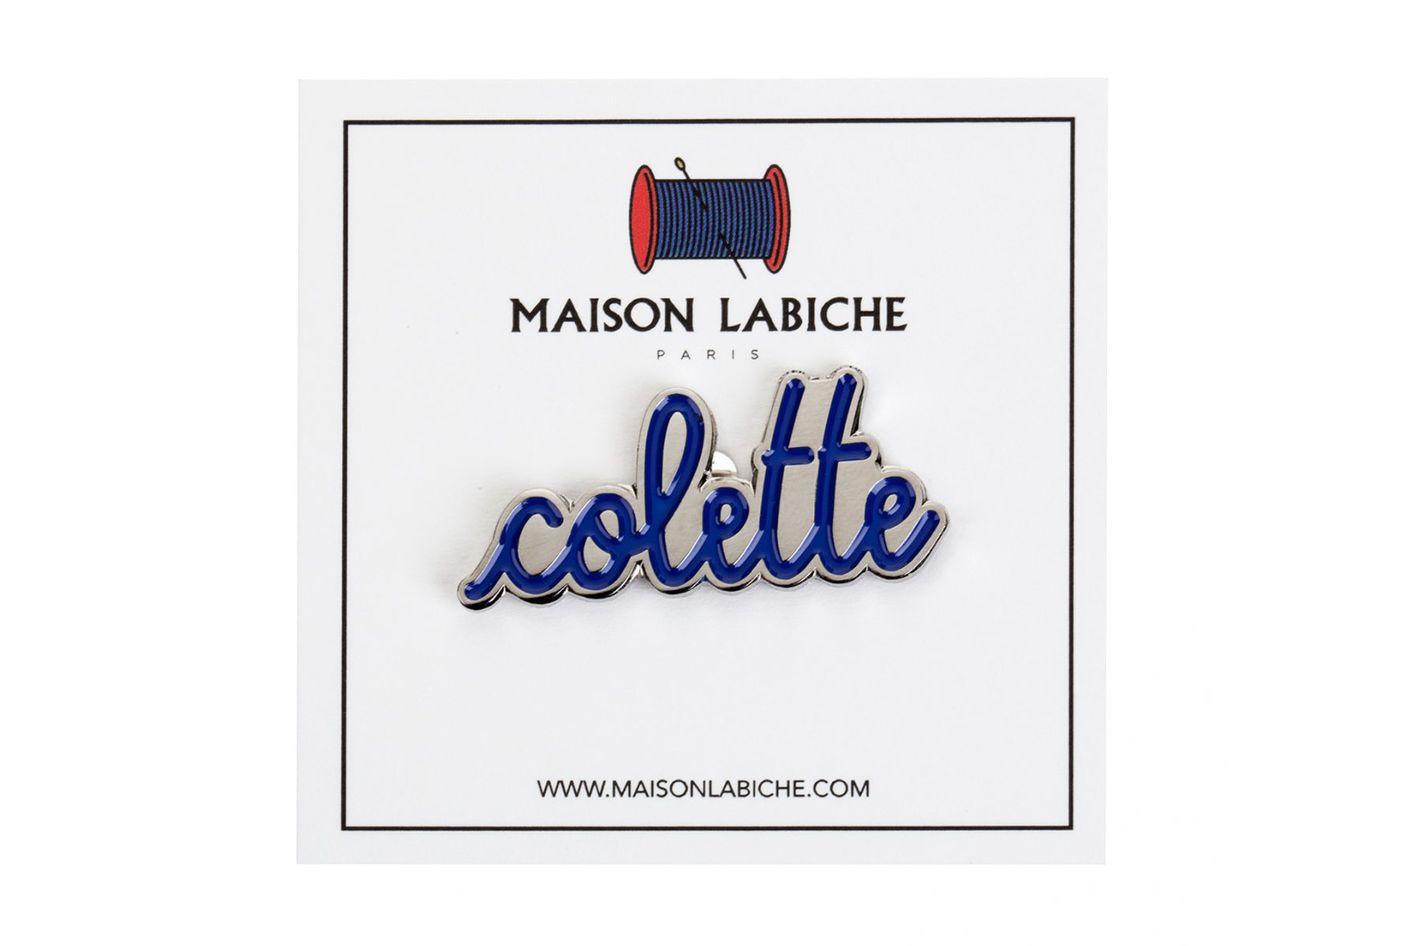 Maison Labiche x Colette Enamel Pin